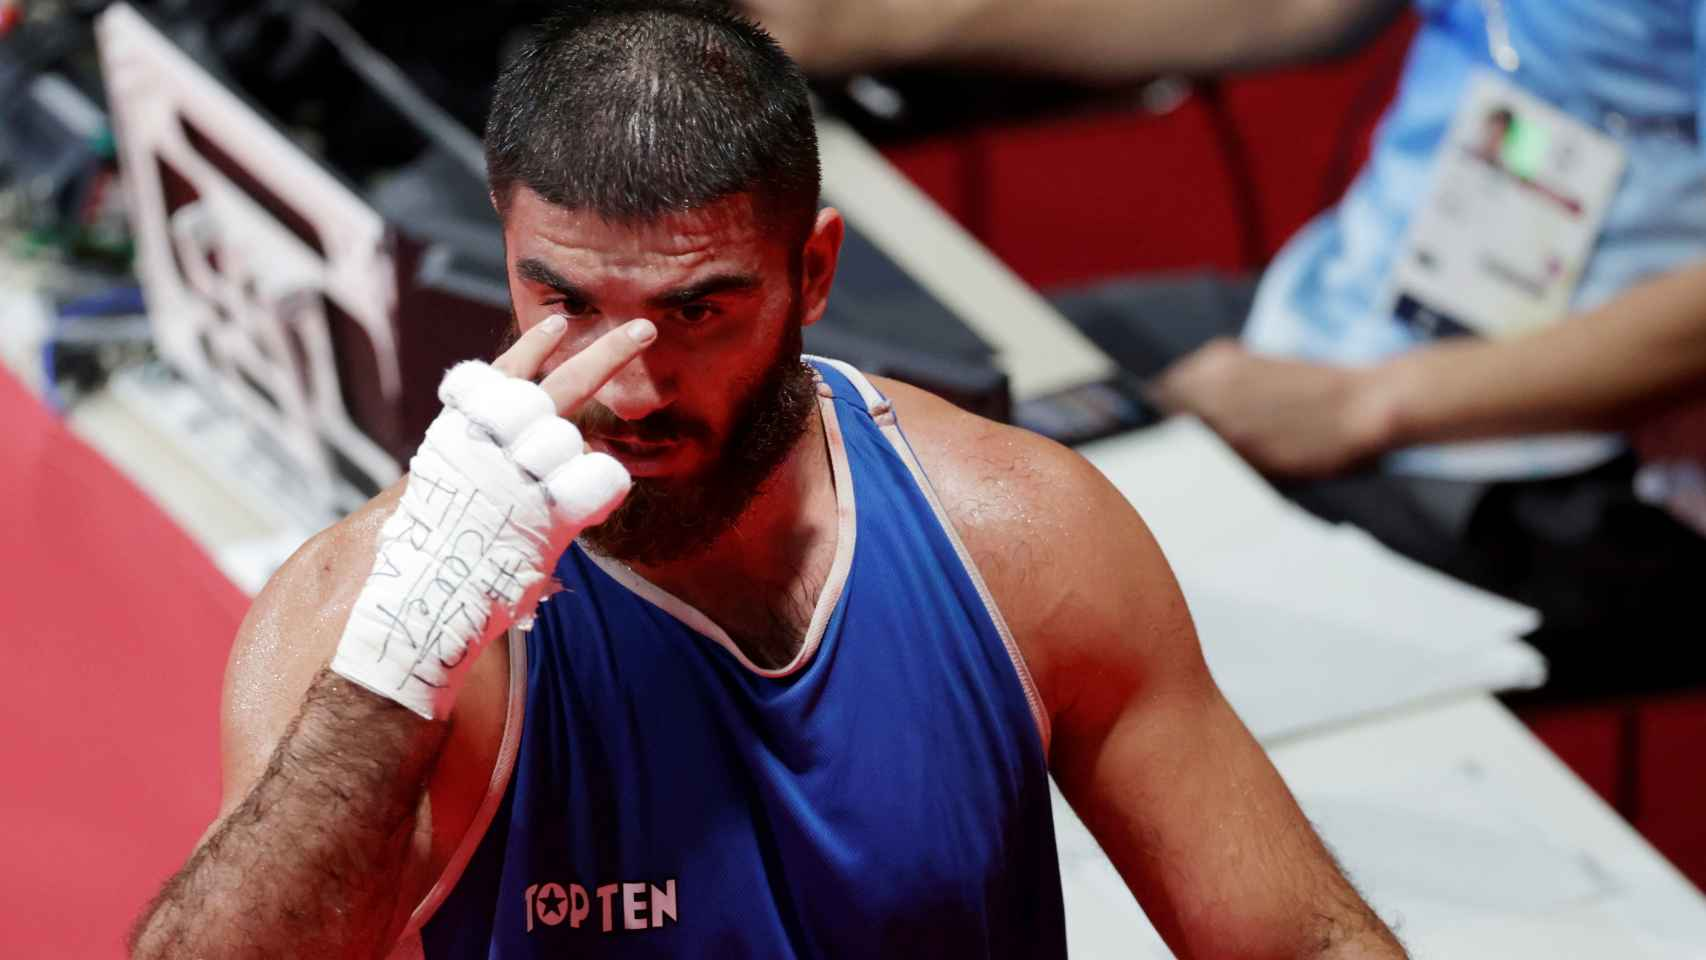 La pelea entre Mourad Aliev y Frazer Clarke en la que el francés fue descalificado